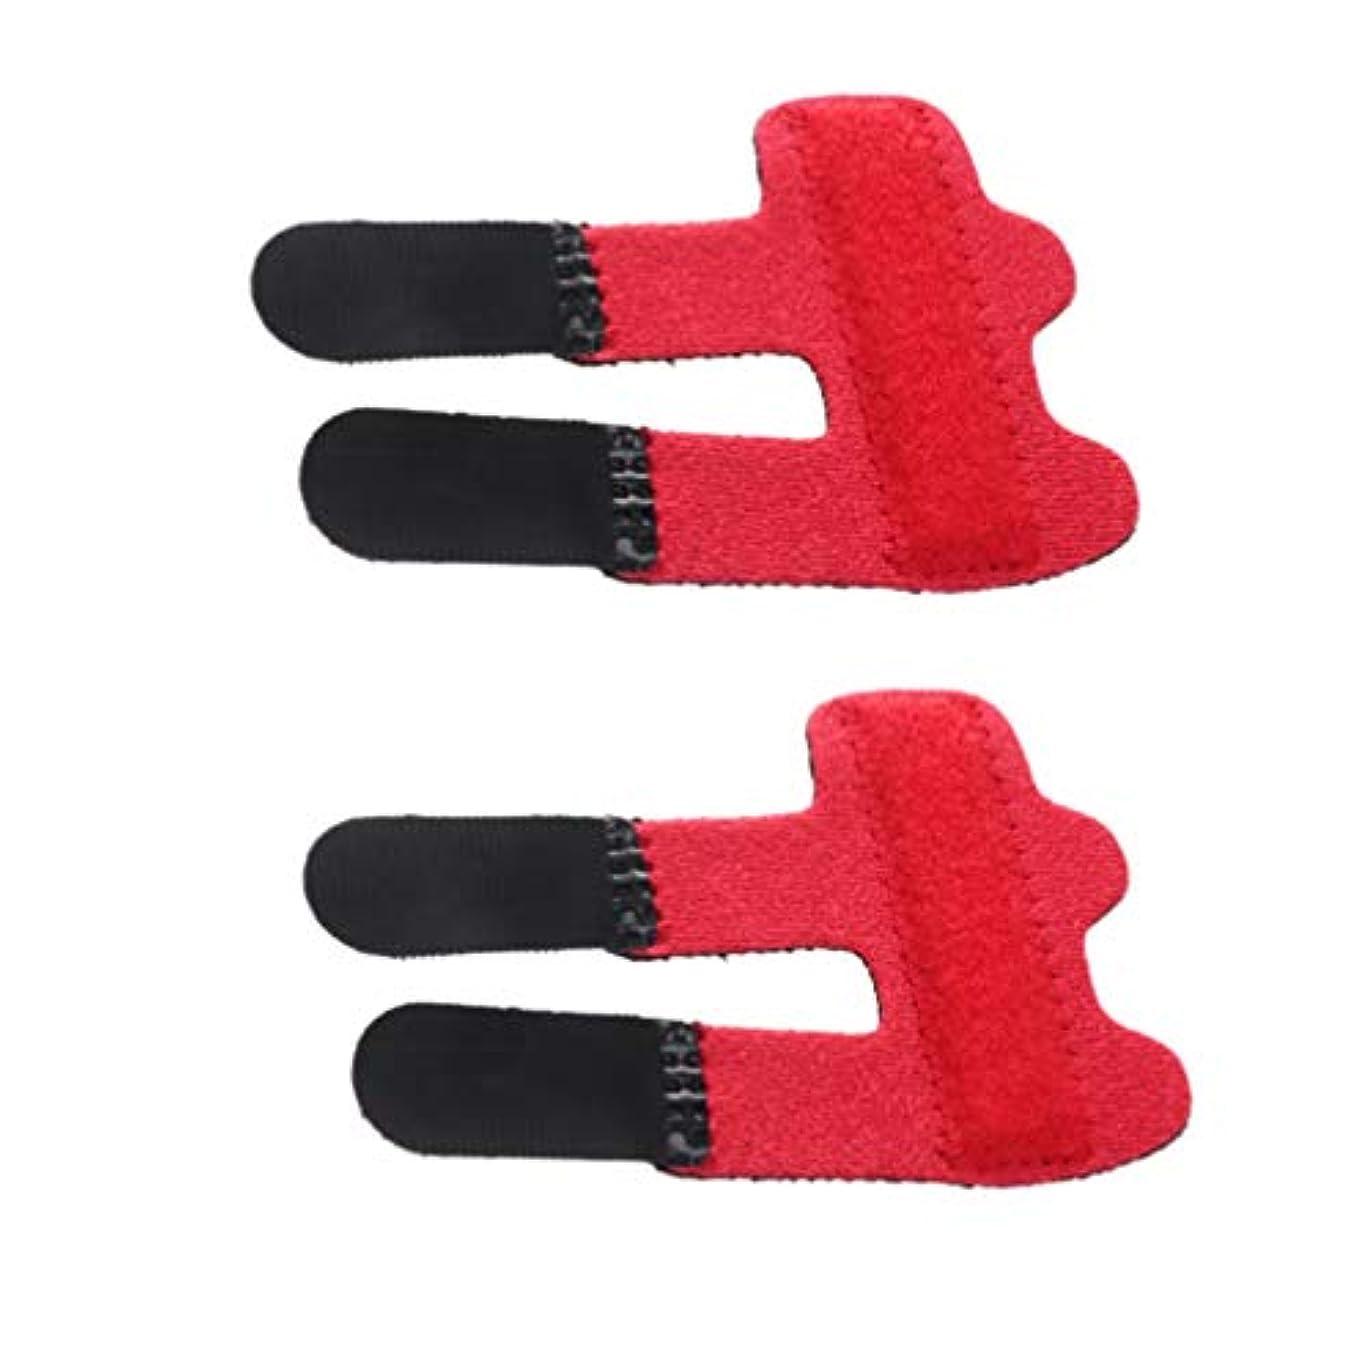 赤風刺製造業Healifty 2本のマレットフィンガースプリントトリガーフィンガーブレースフィンガーエクステンションスプリント用壊れた指腱の痛みの緩和(赤)